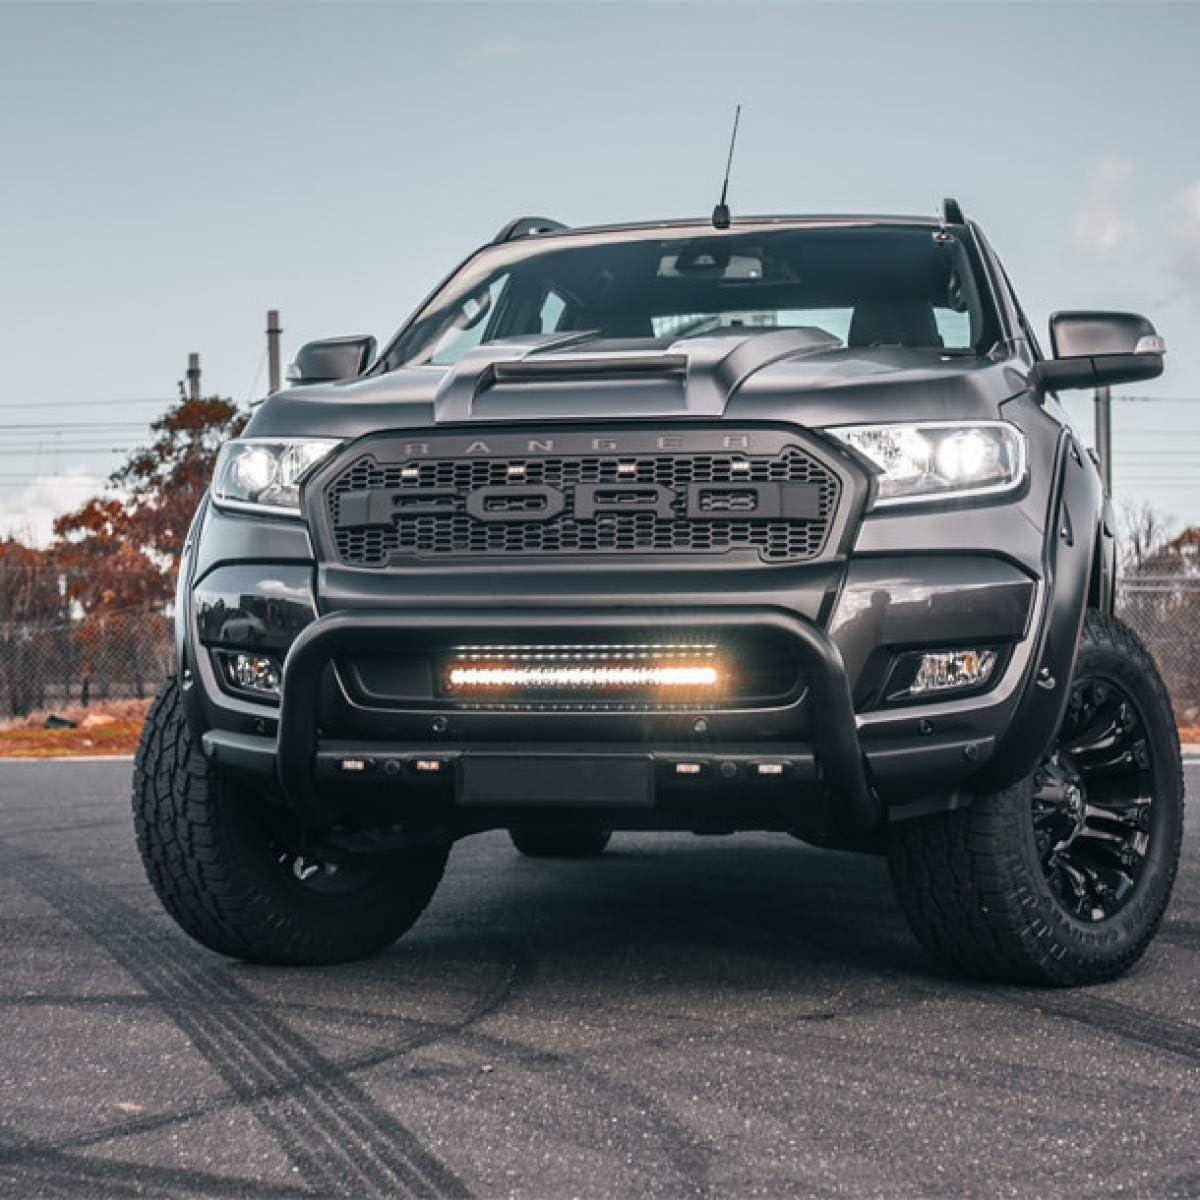 G/én/érique Grille de calandre Raptor pour Ford Ranger de 2015-2018